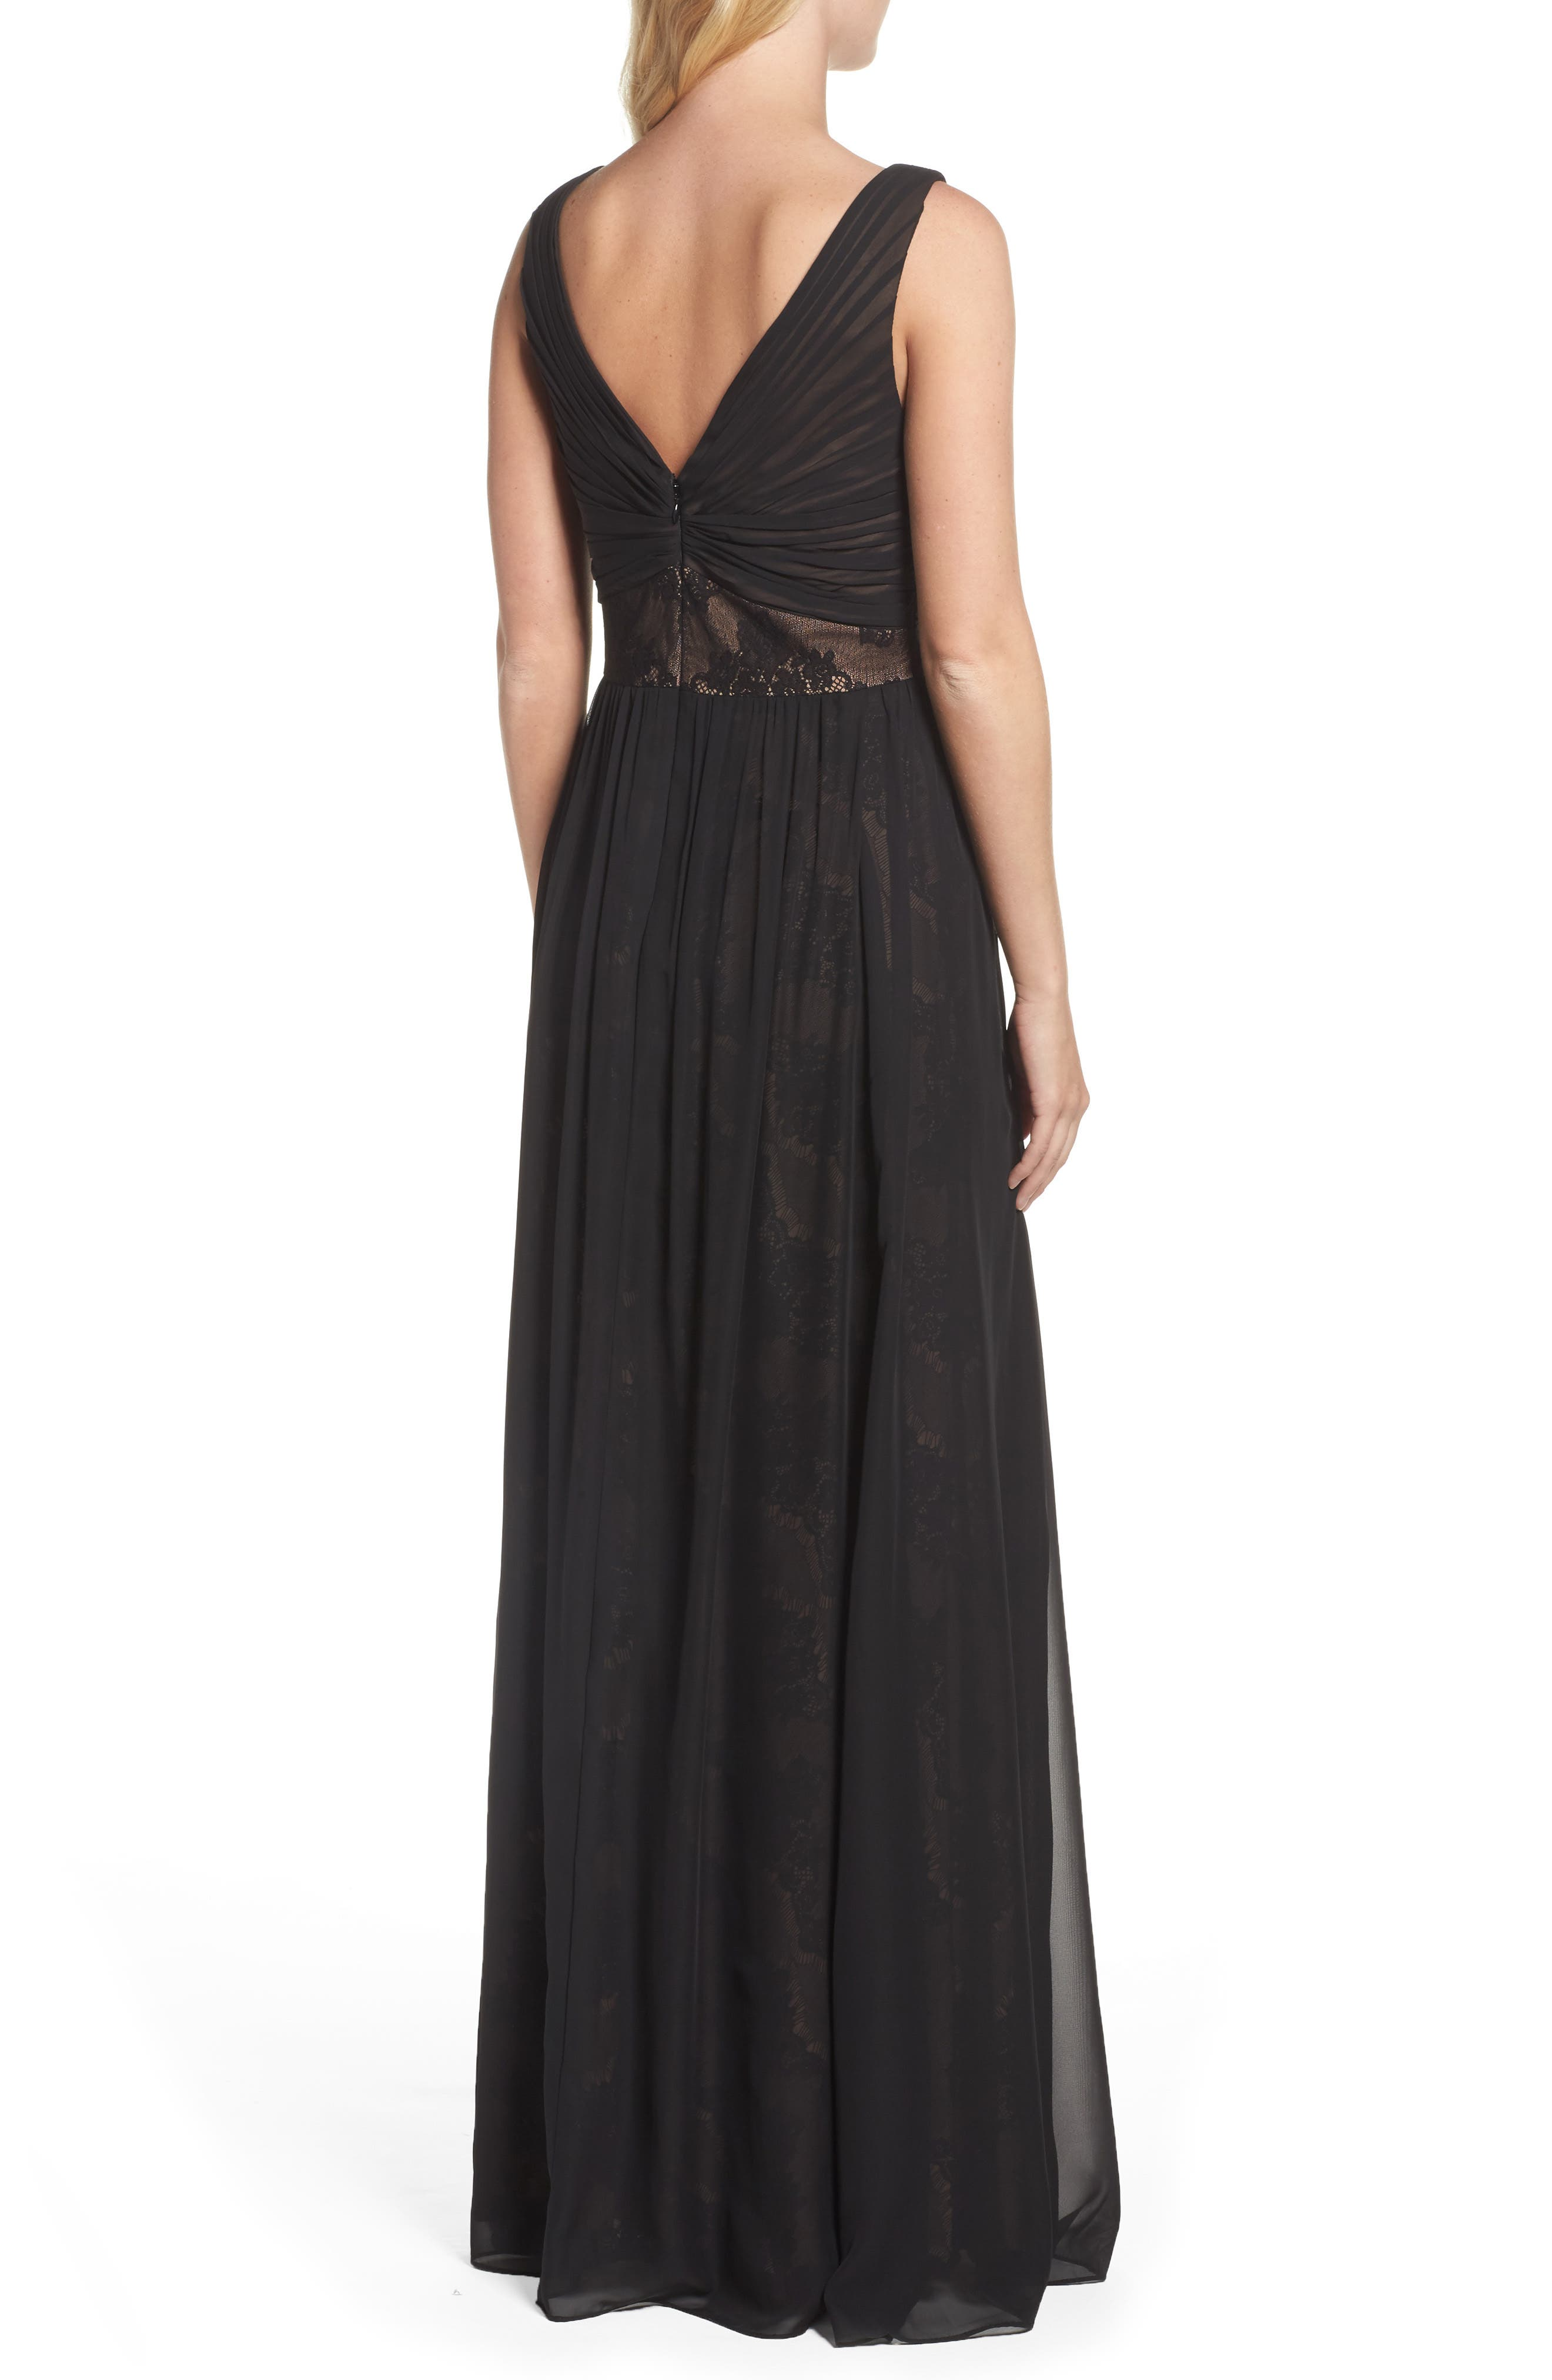 Lace Detail Gown,                             Alternate thumbnail 2, color,                             001